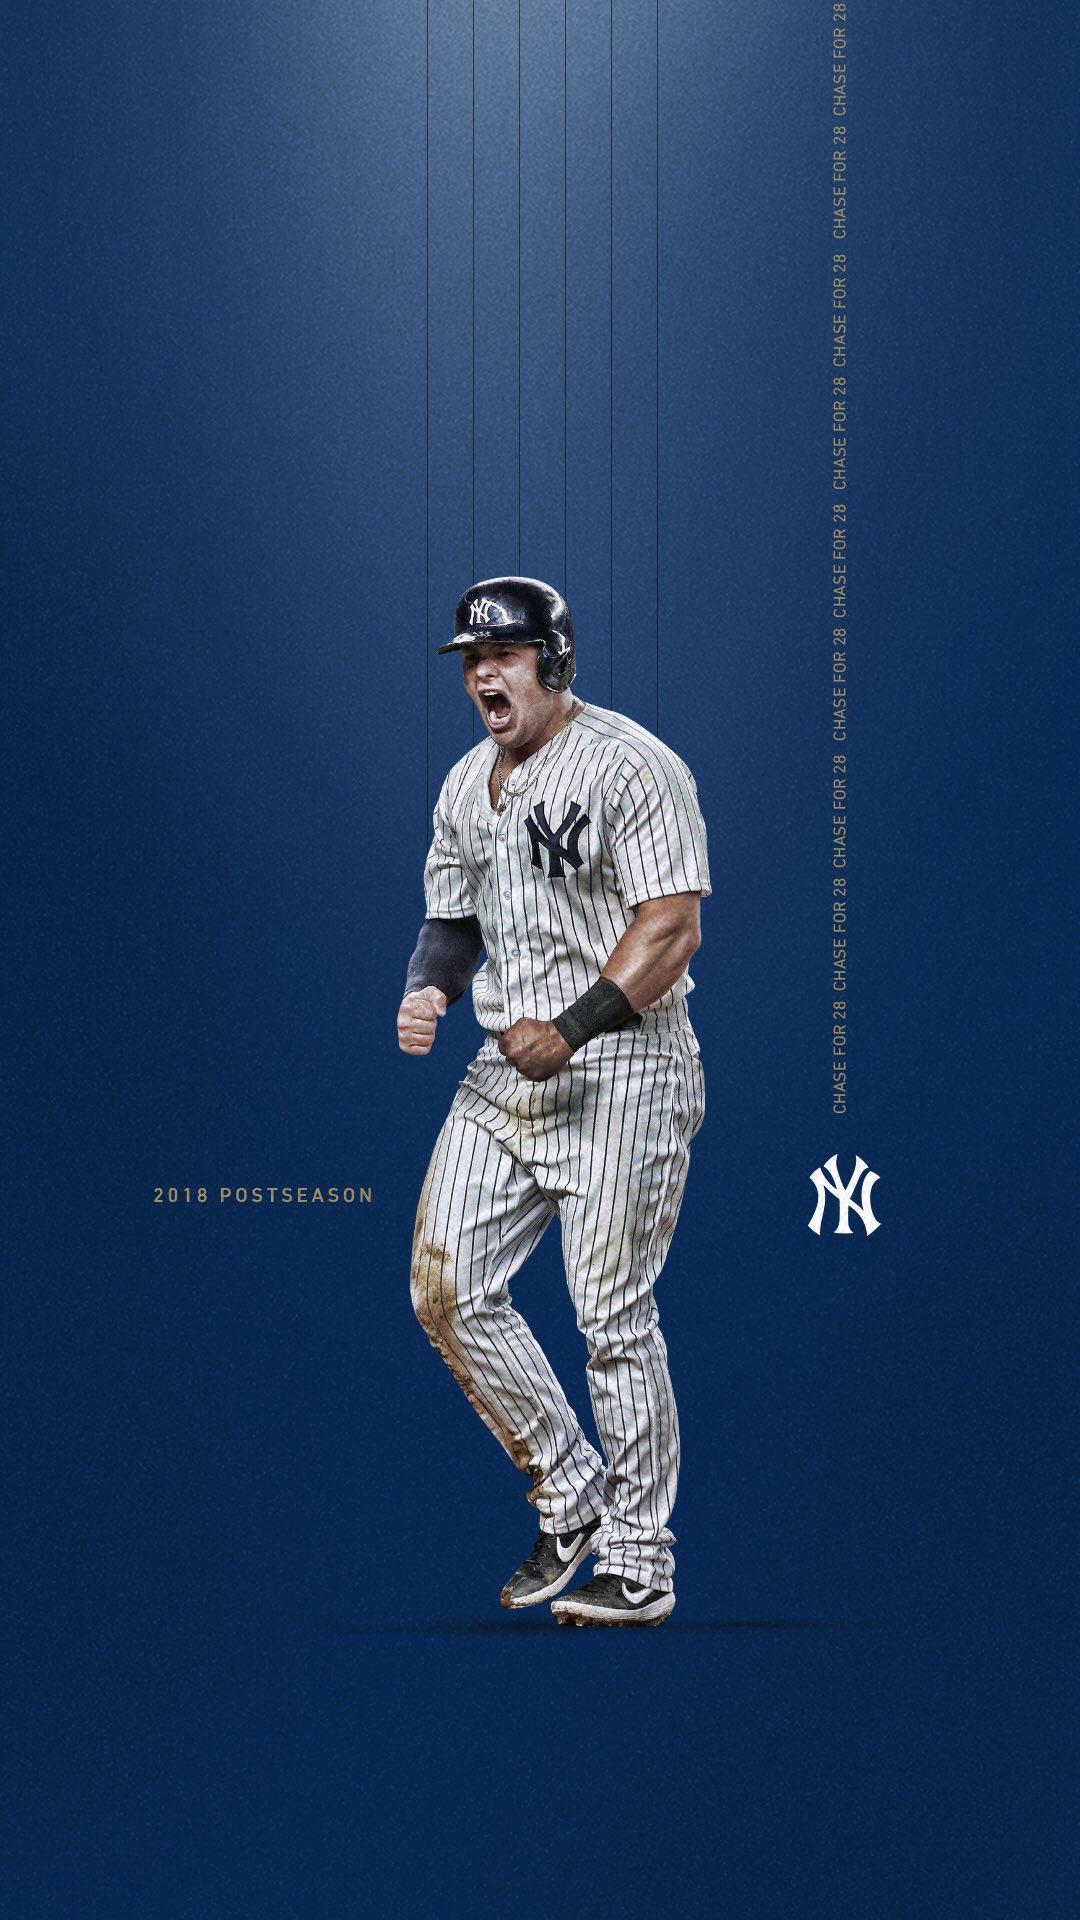 New York YankeesVerified account